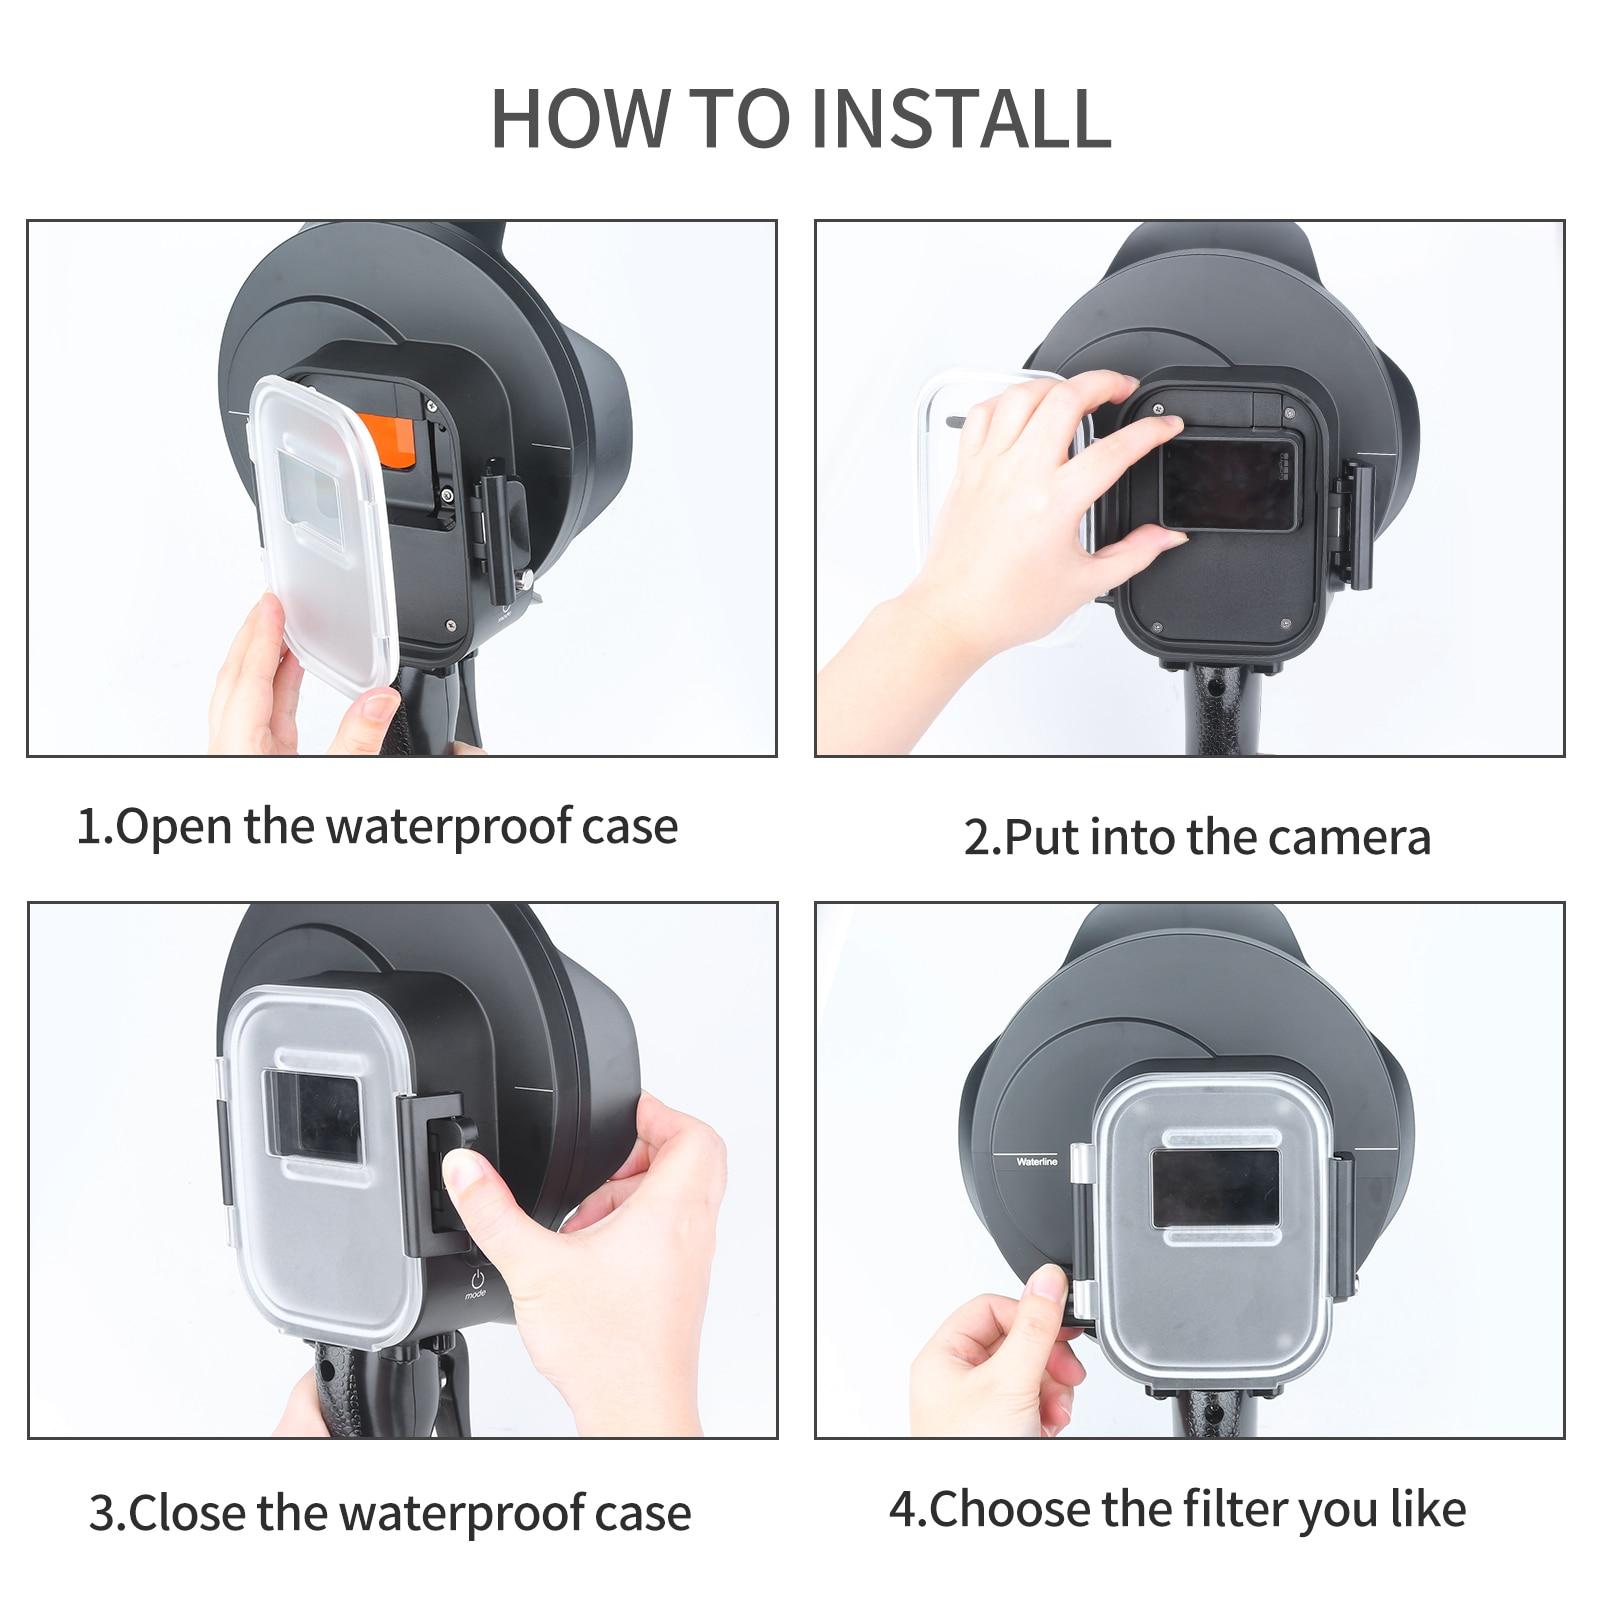 SHOOT buceo Domo Puerto impermeable filtro de la cubierta conmutable Domo para GoPro Hero 7 6 5 negro accesorio subacuático para Go pro 7 6 5 - 4